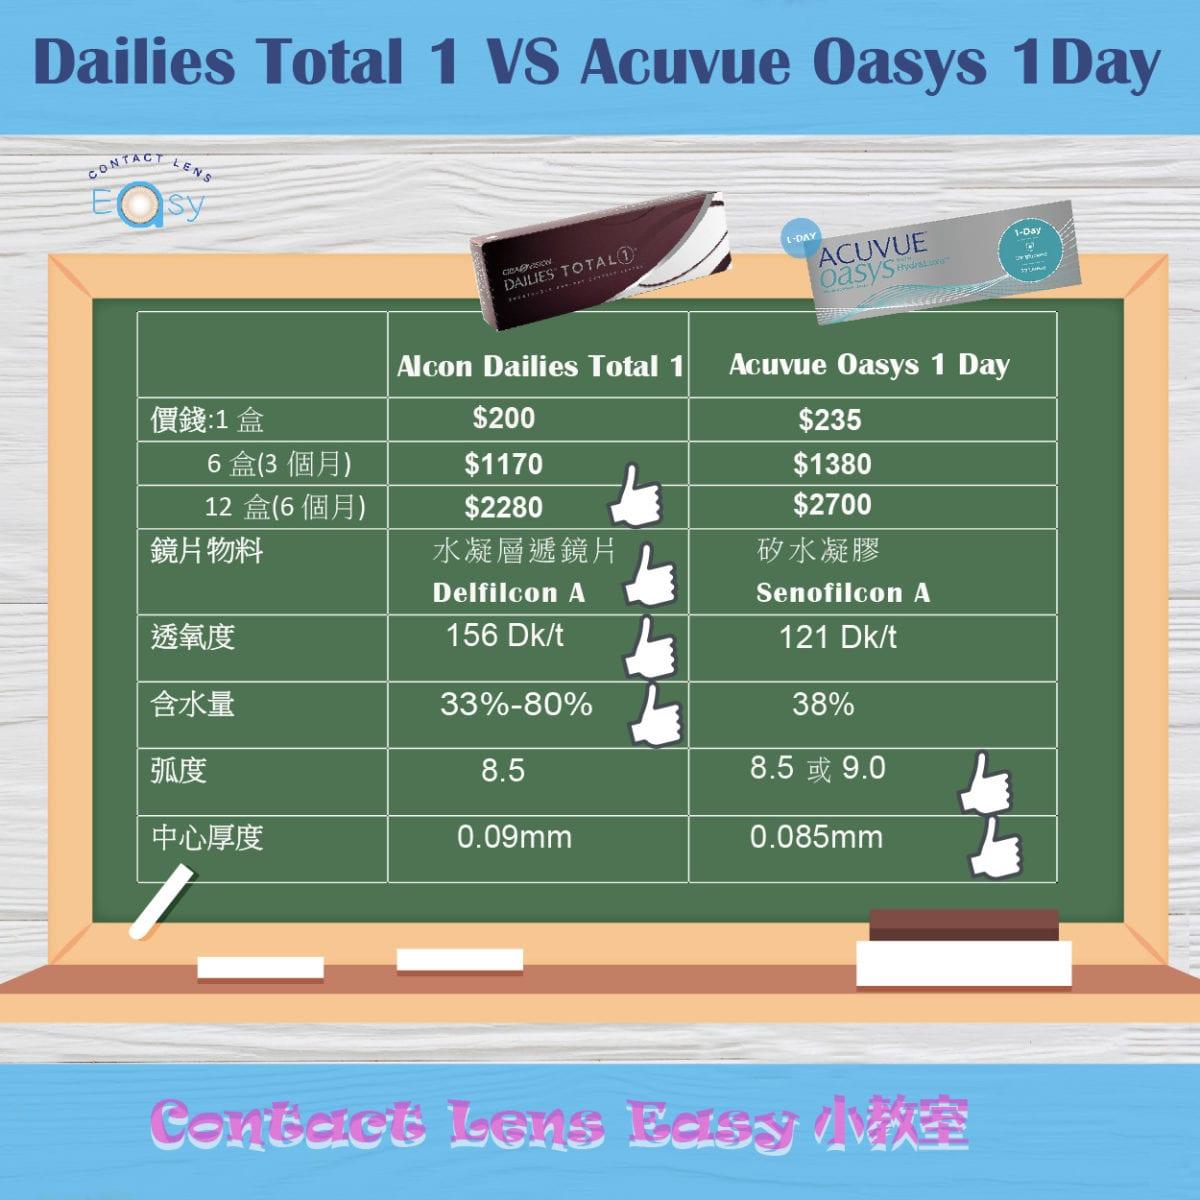 最強1 Day Con係邊隻? Acuvue Oasys 1 Day同 Alcon Dailies Total 1大比拼